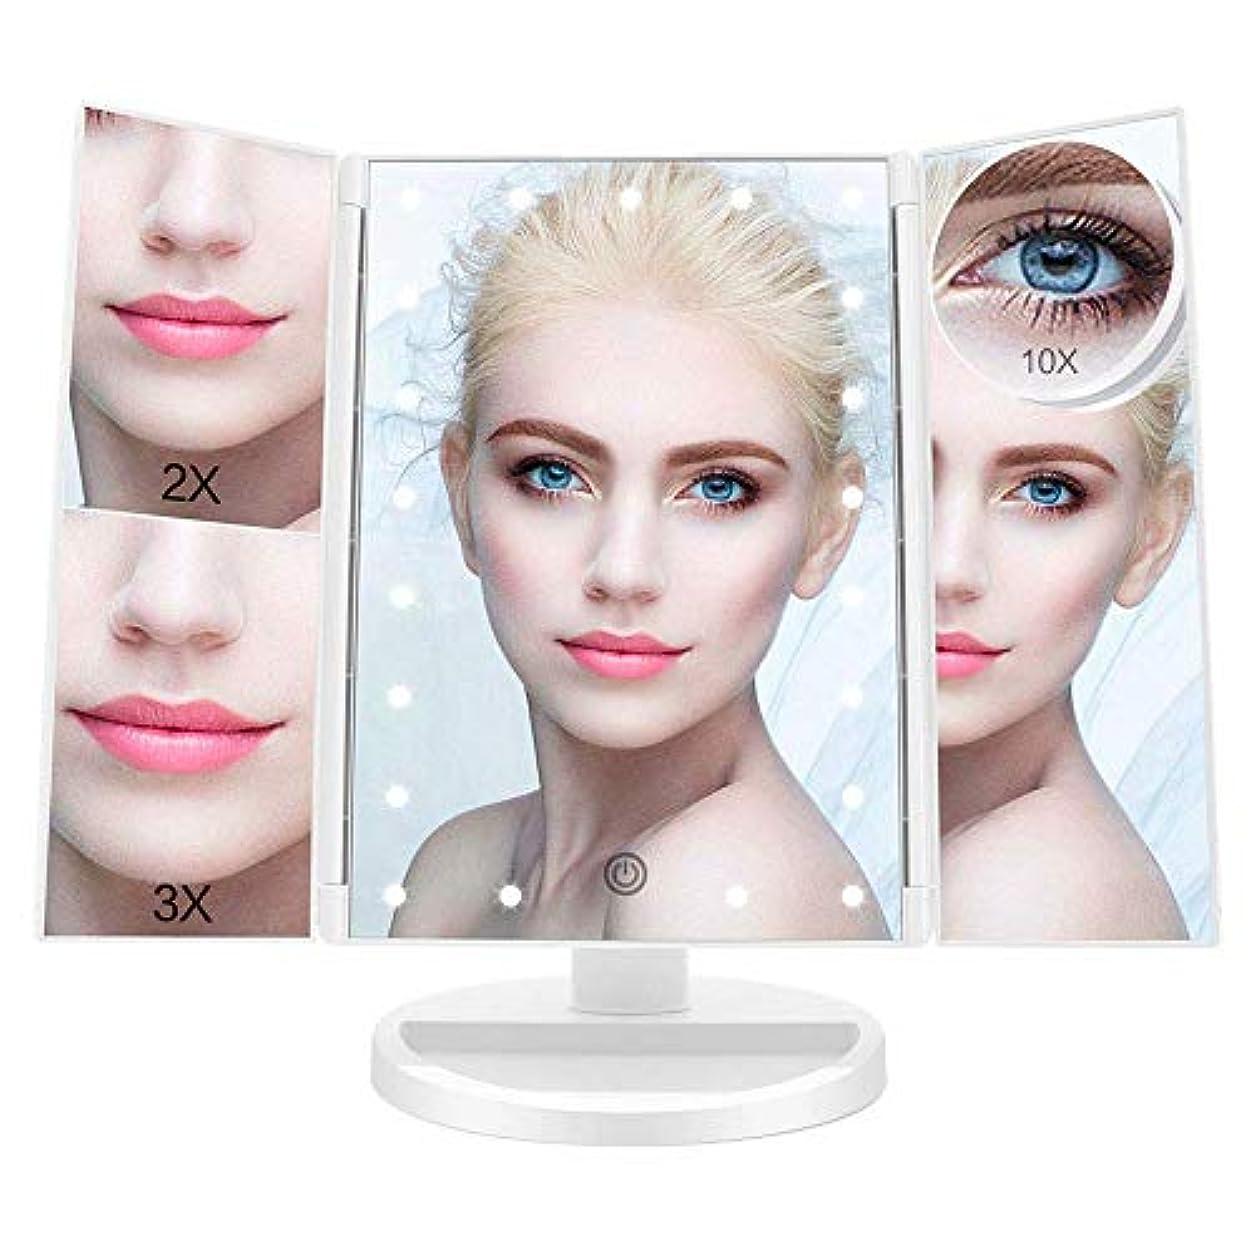 遺伝子四回モーションFASCINATE 化粧鏡 化粧ミラー 鏡 女優ミラー 拡大鏡 2&3&10倍 明るさ調節可能 USB電池給電 (ホワイト)